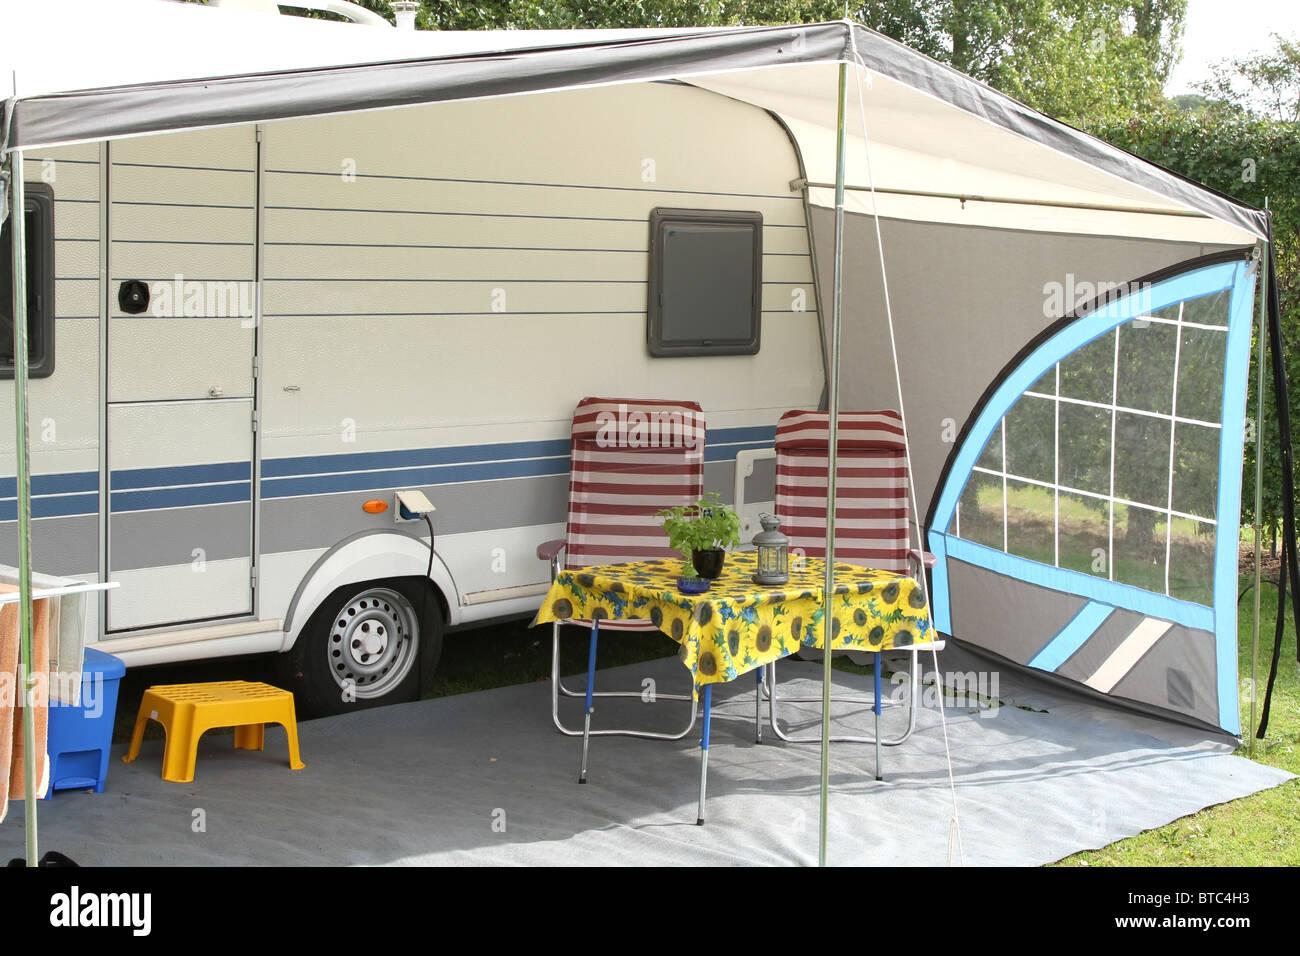 Touring caravan with a veranda awning - Stock Image